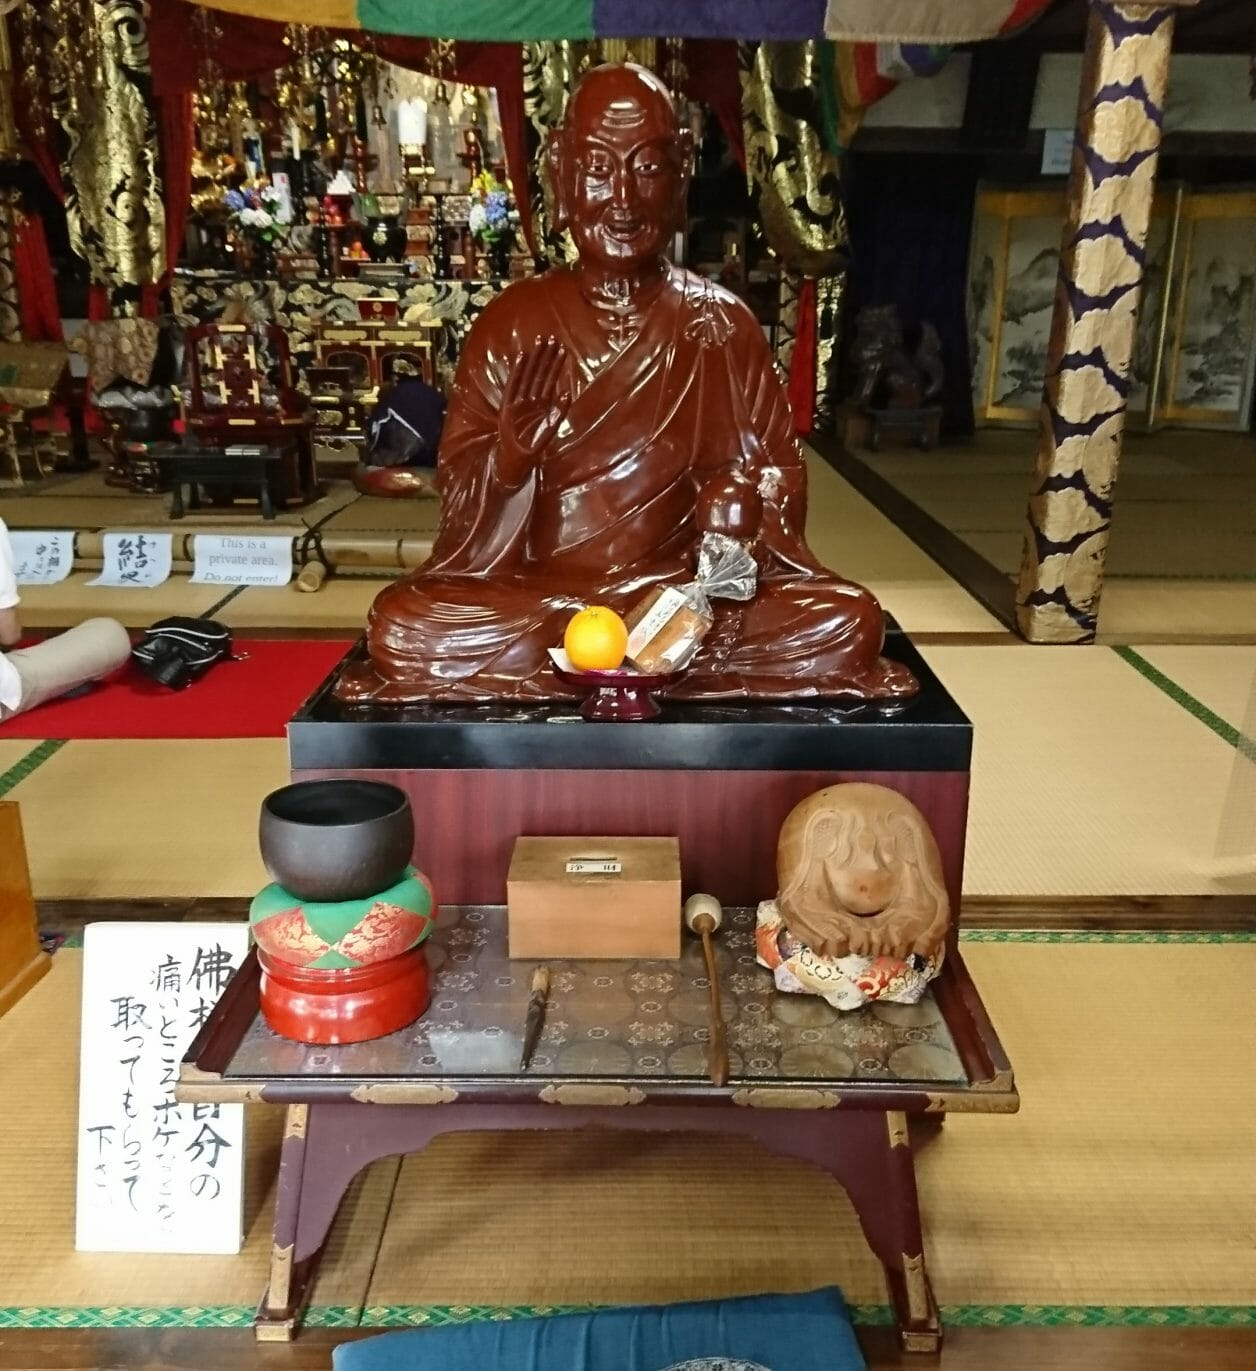 山口市の瑠璃光寺の賓頭盧尊者(びんずるそんじゃ)なで仏のご利益や健康です